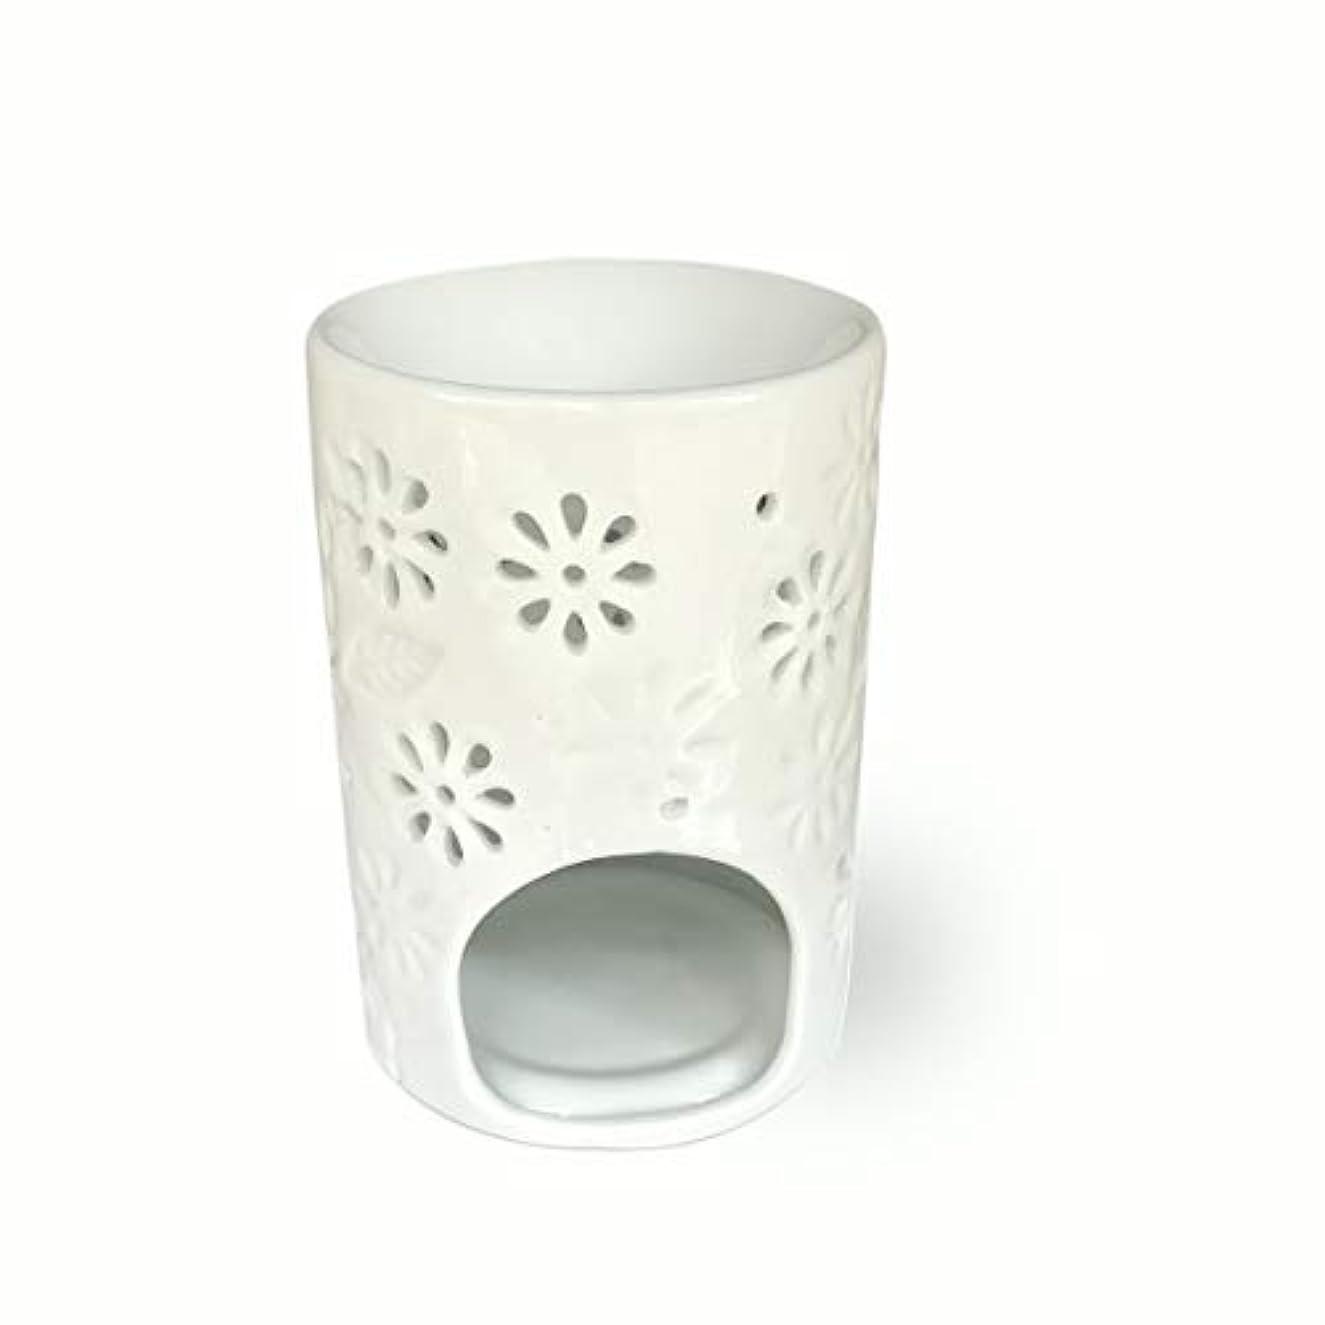 思われる立法観光(Vase Shaped) - ToiM Milk White Ceramic Hollowing Floral Aroma Lamp Candle Warmers Fragrance Warmer Oil Diffuser...